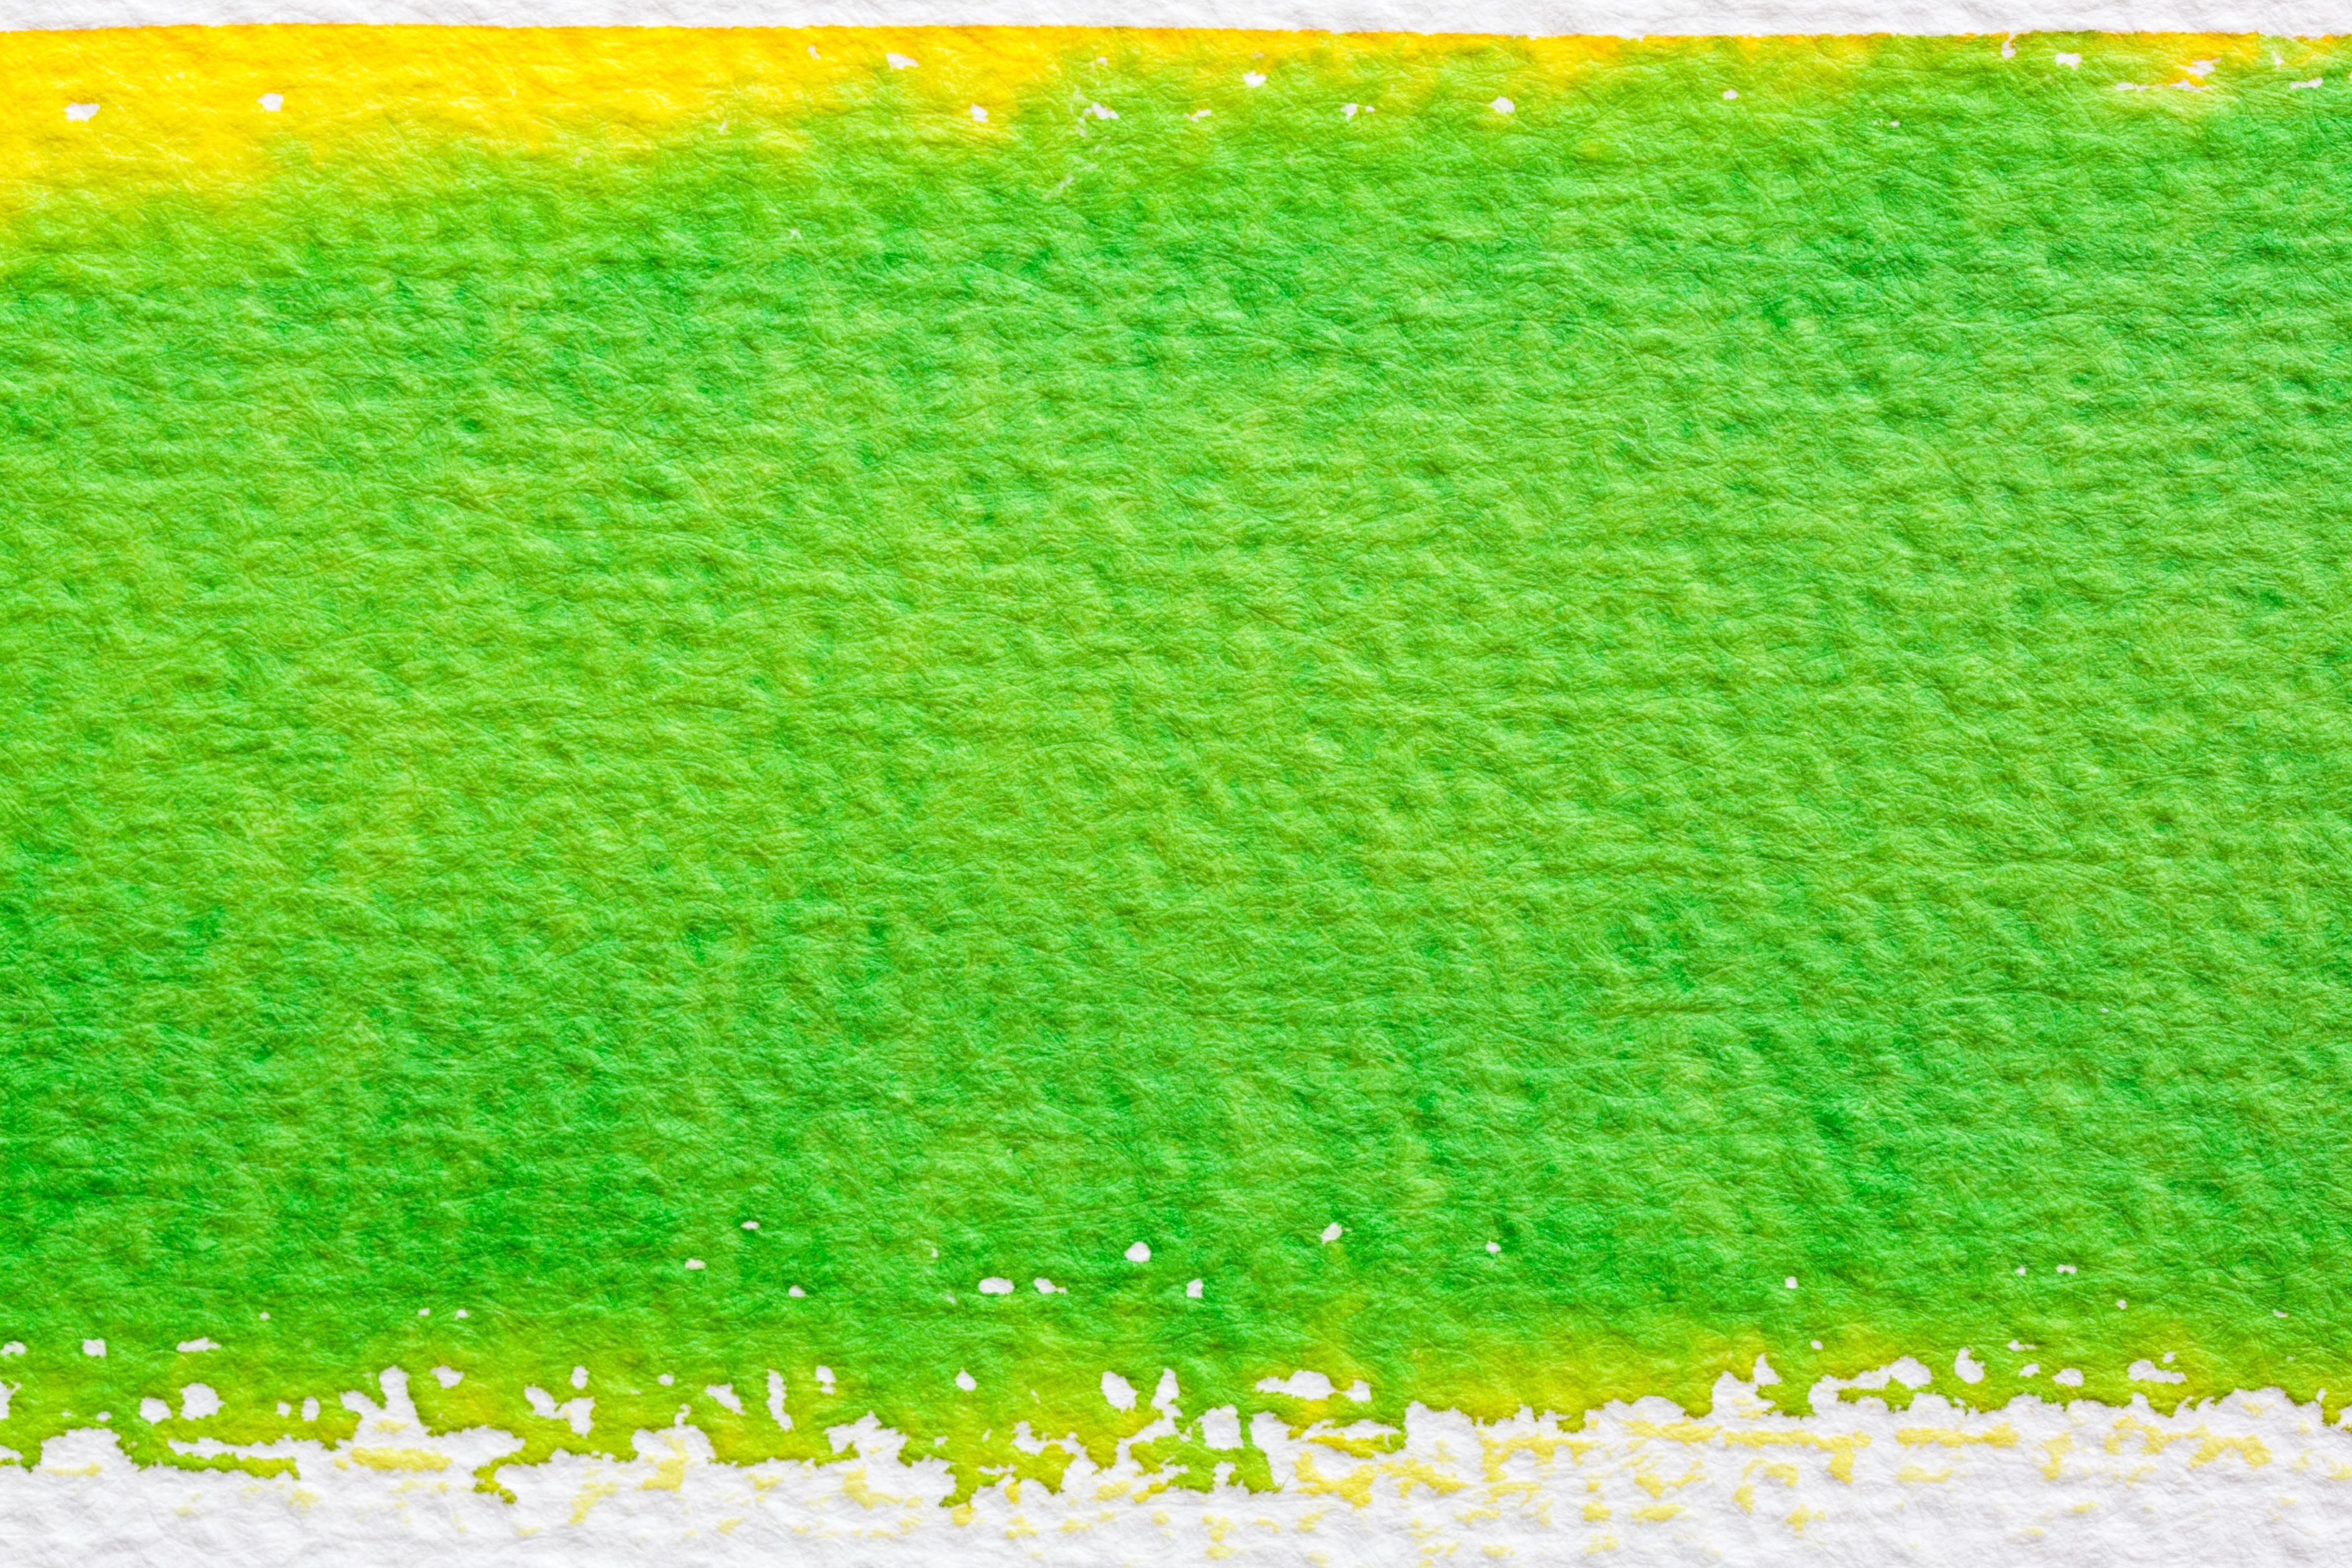 Fotos gratis planta campo primavera verde sereno amarillo